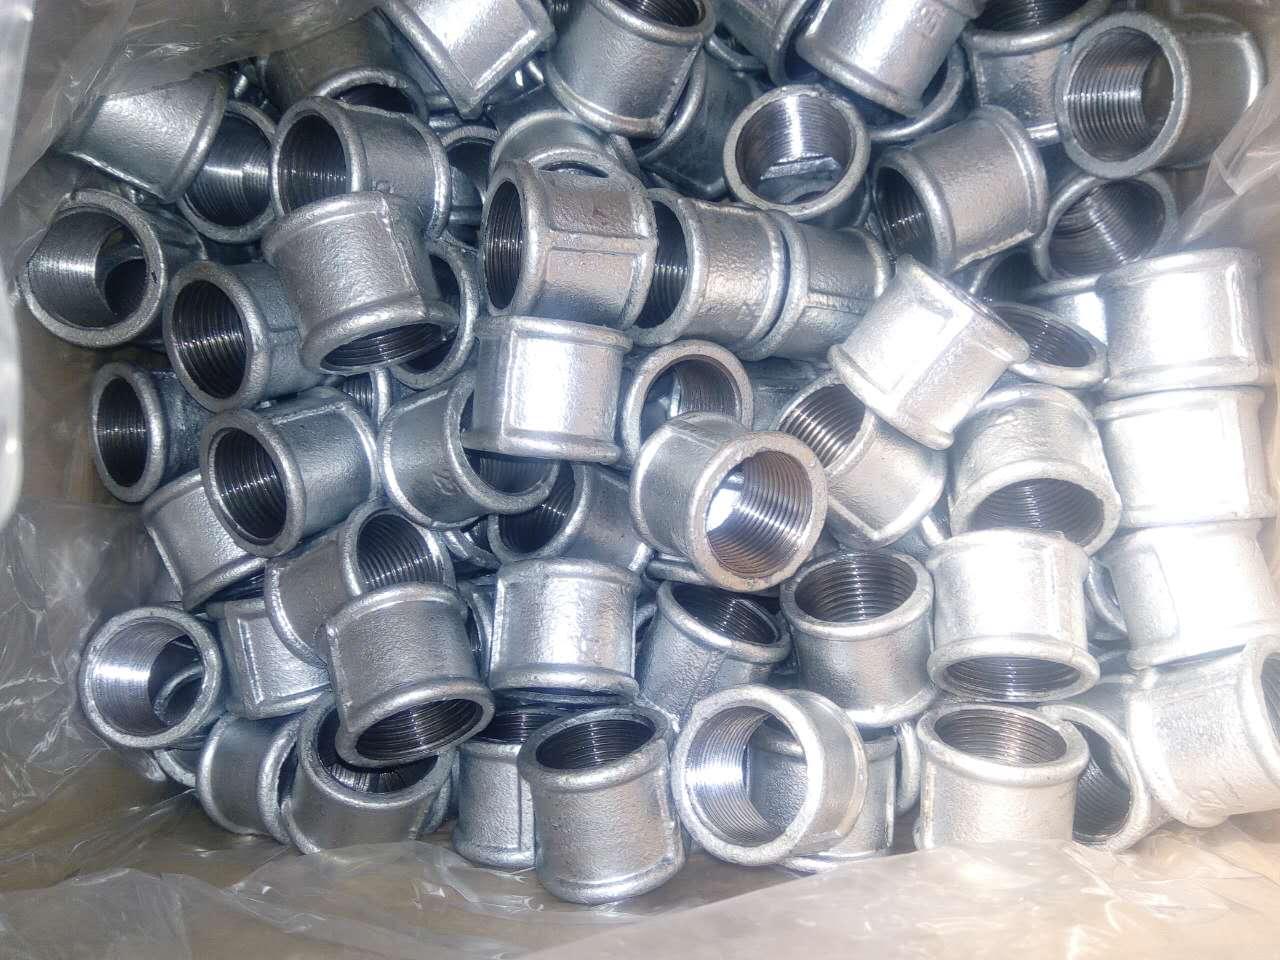 瑪鋼管件價格,太谷裕鑫瑪鋼提供品牌好的瑪鋼管件